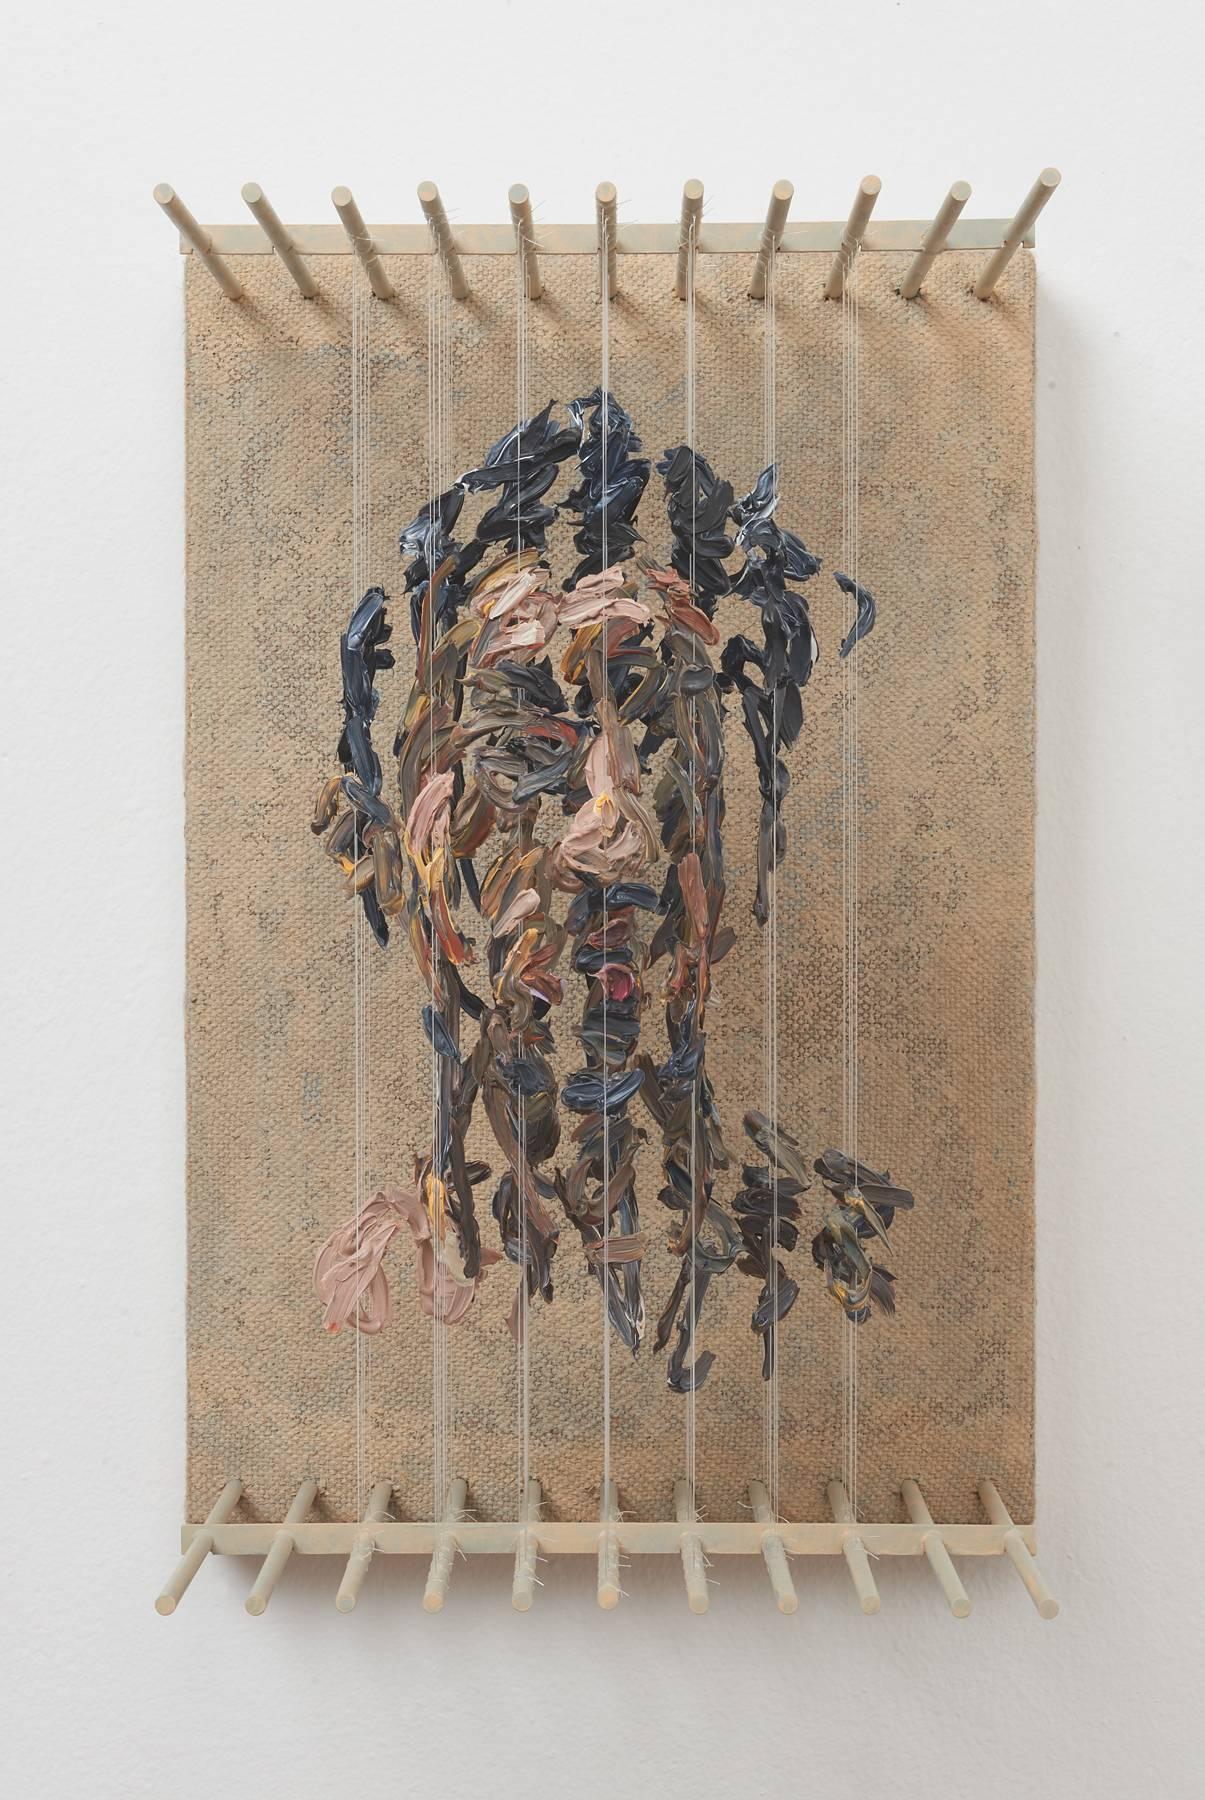 SRO- 3D figurative portrait sculpture with suspended paint strokes